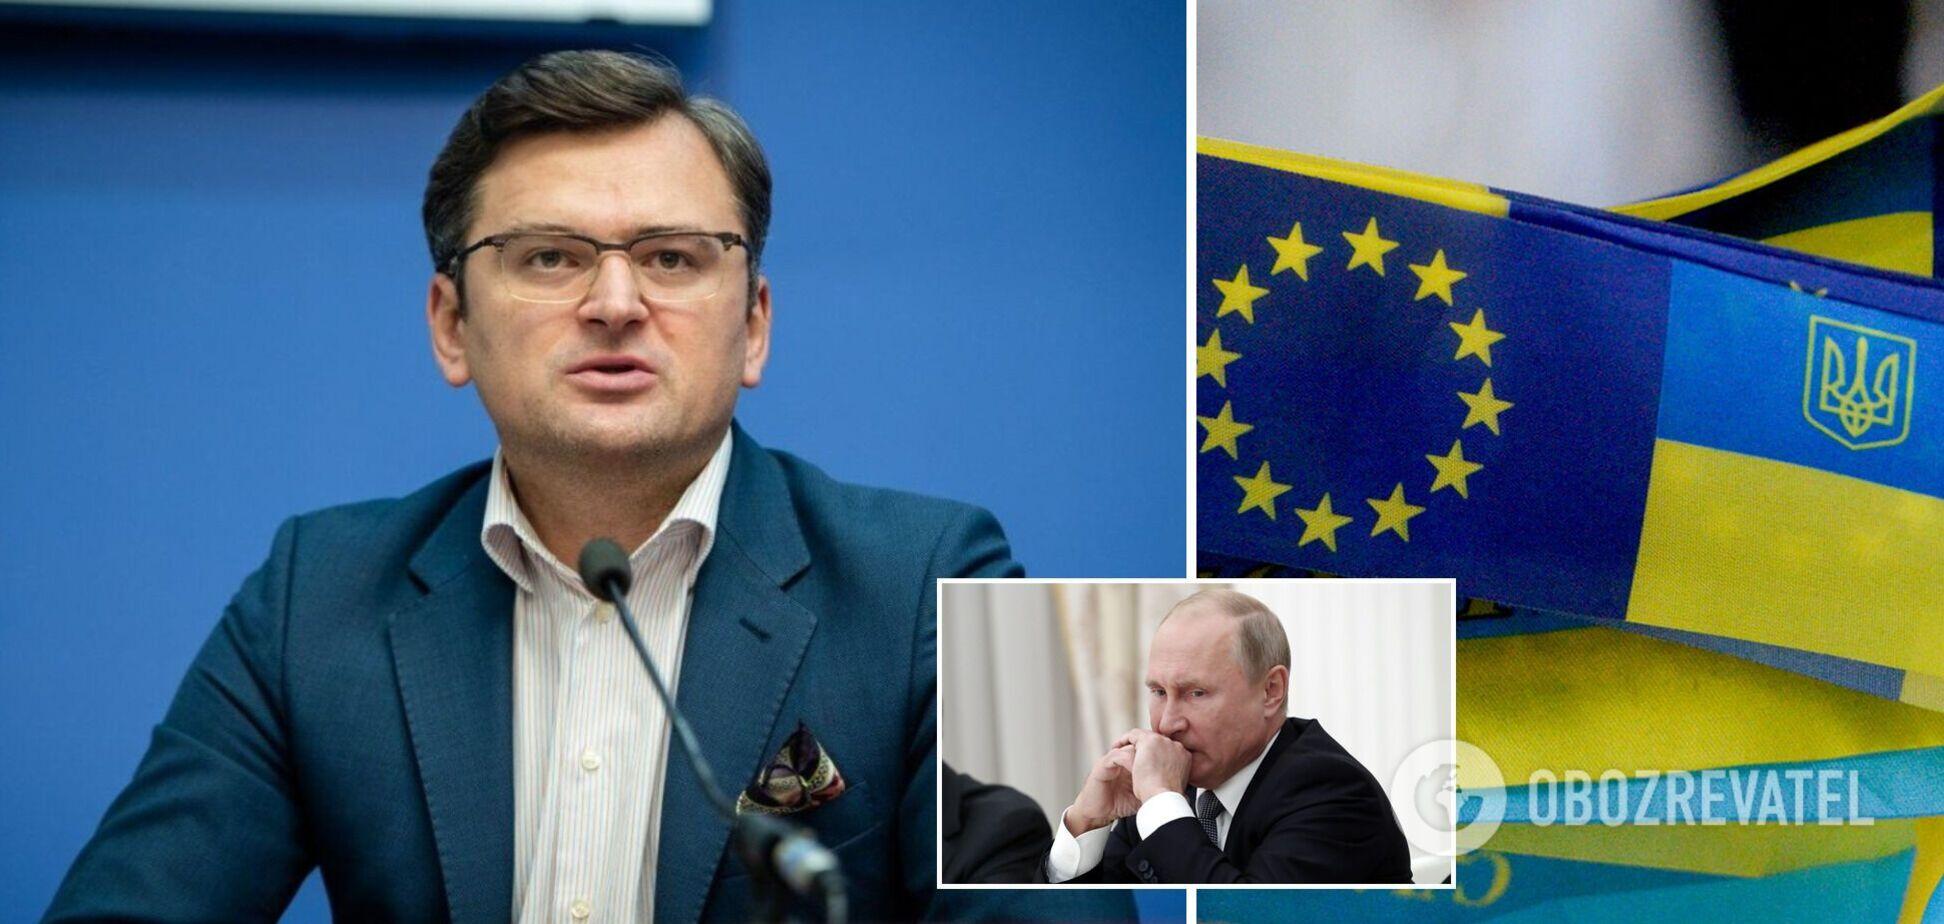 Кулеба про відмову лідерів ЄС запрошувати на саміт Путіна: цю атаку ми відбили